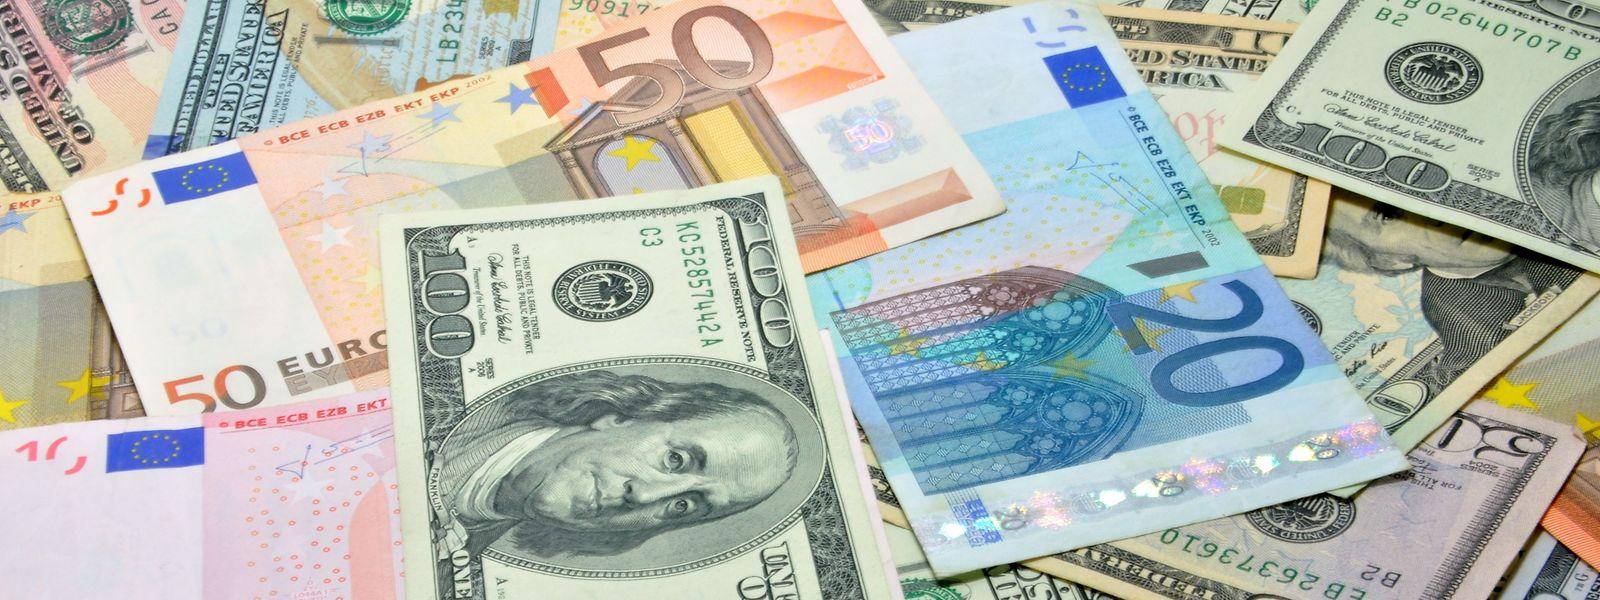 Seit Wochen fällt der Greenback gegenüber dem Euro im Wert – die Furcht vor einem Dollar-Crash geht um.